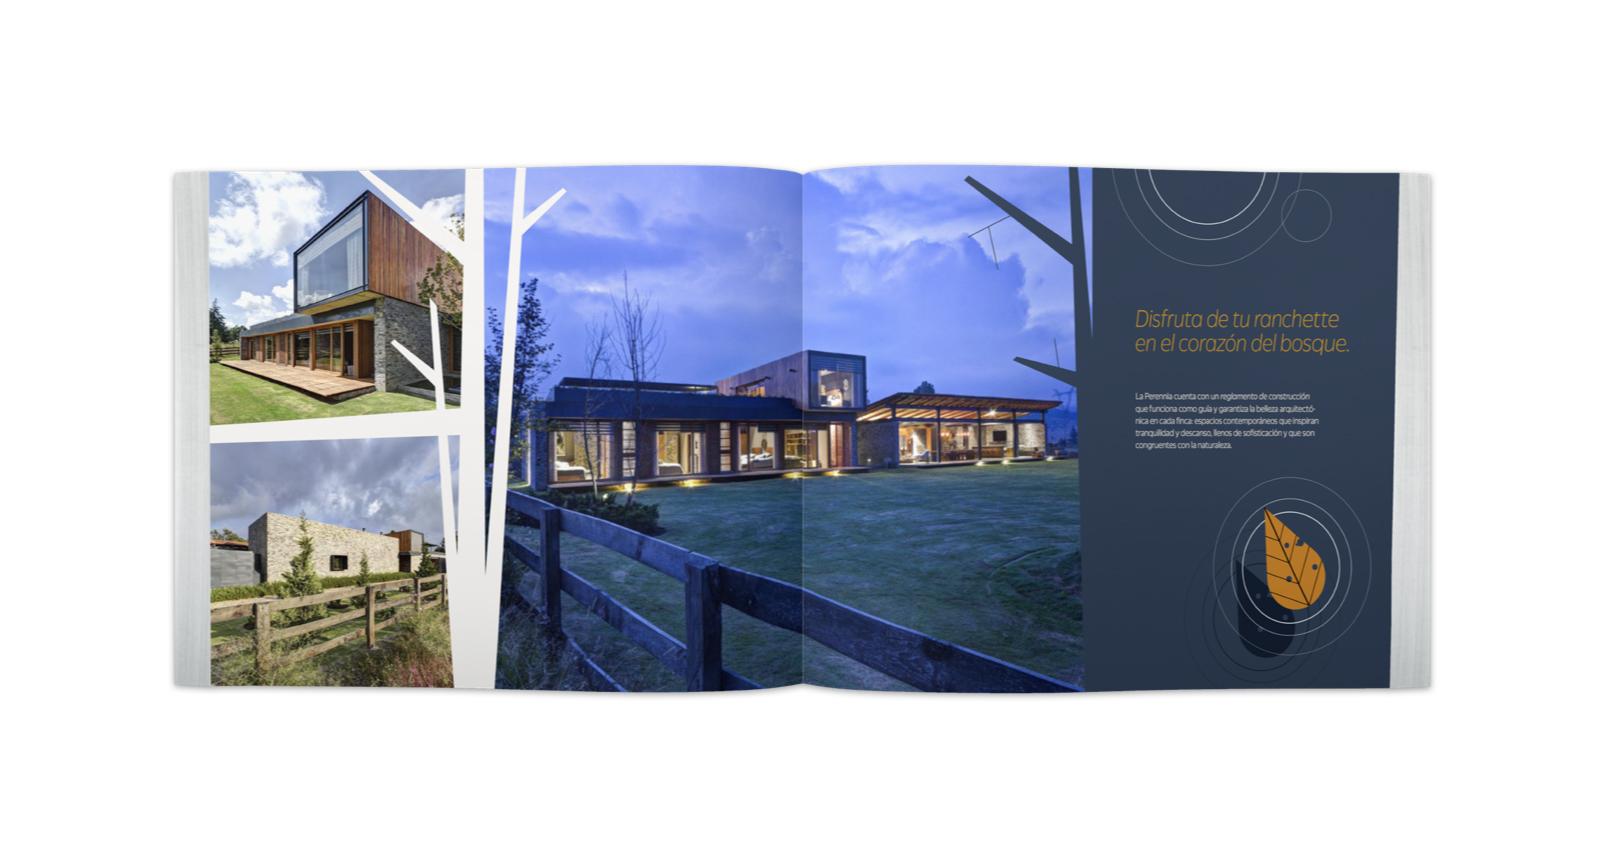 Brochure abierto con ilustraciones de hojas y fotos de un ranchette y sus interiores